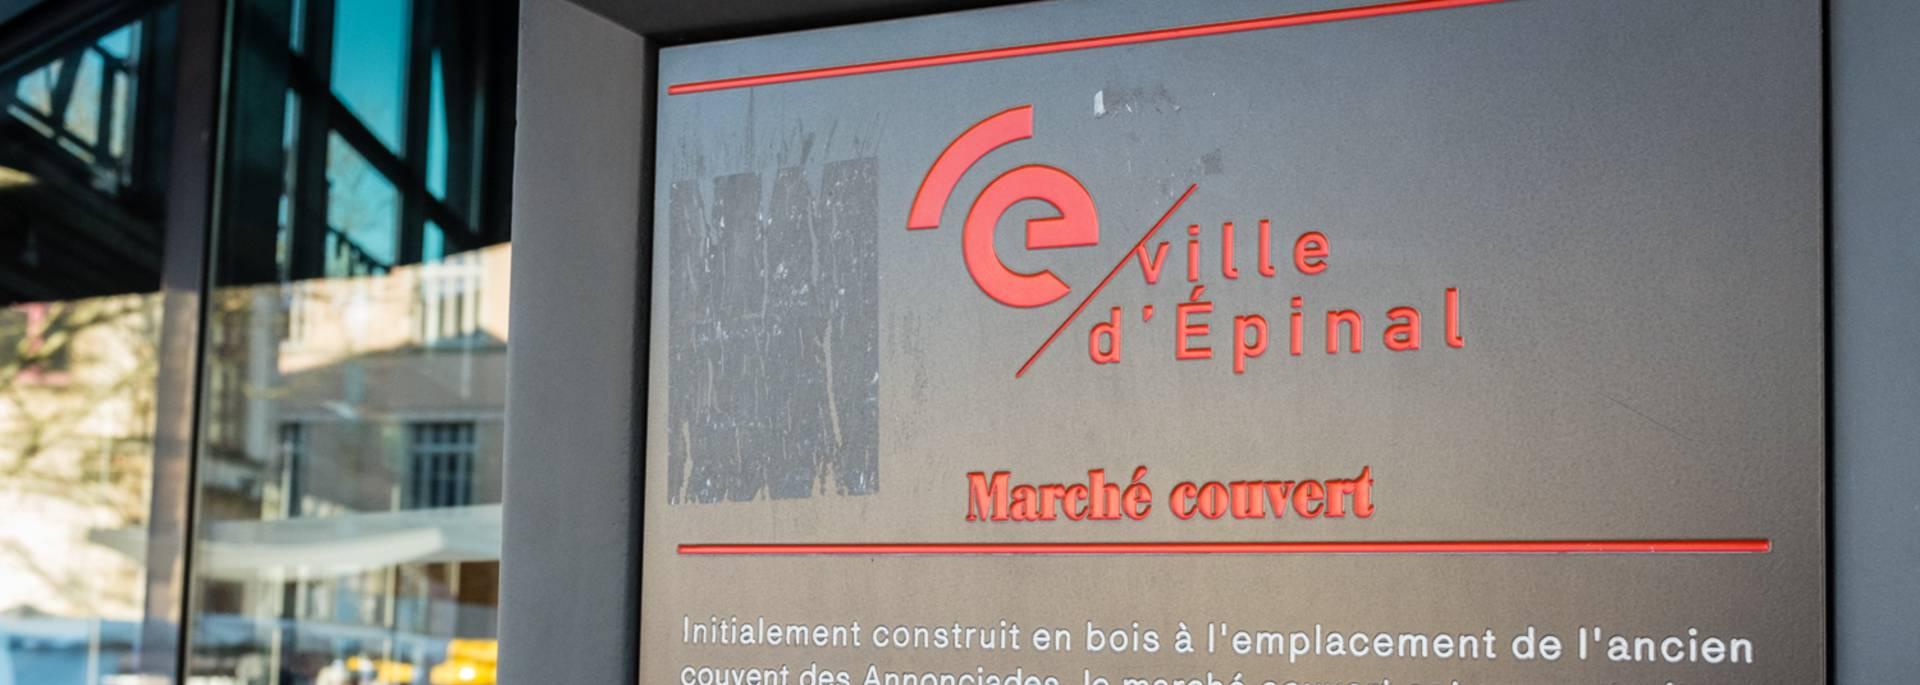 Marché Epinal - Marché couvert - Produits locaux - Produits du terroir - Produits vosgiens - Marché du terroir - Place aux producteurs - Producteurs locaux